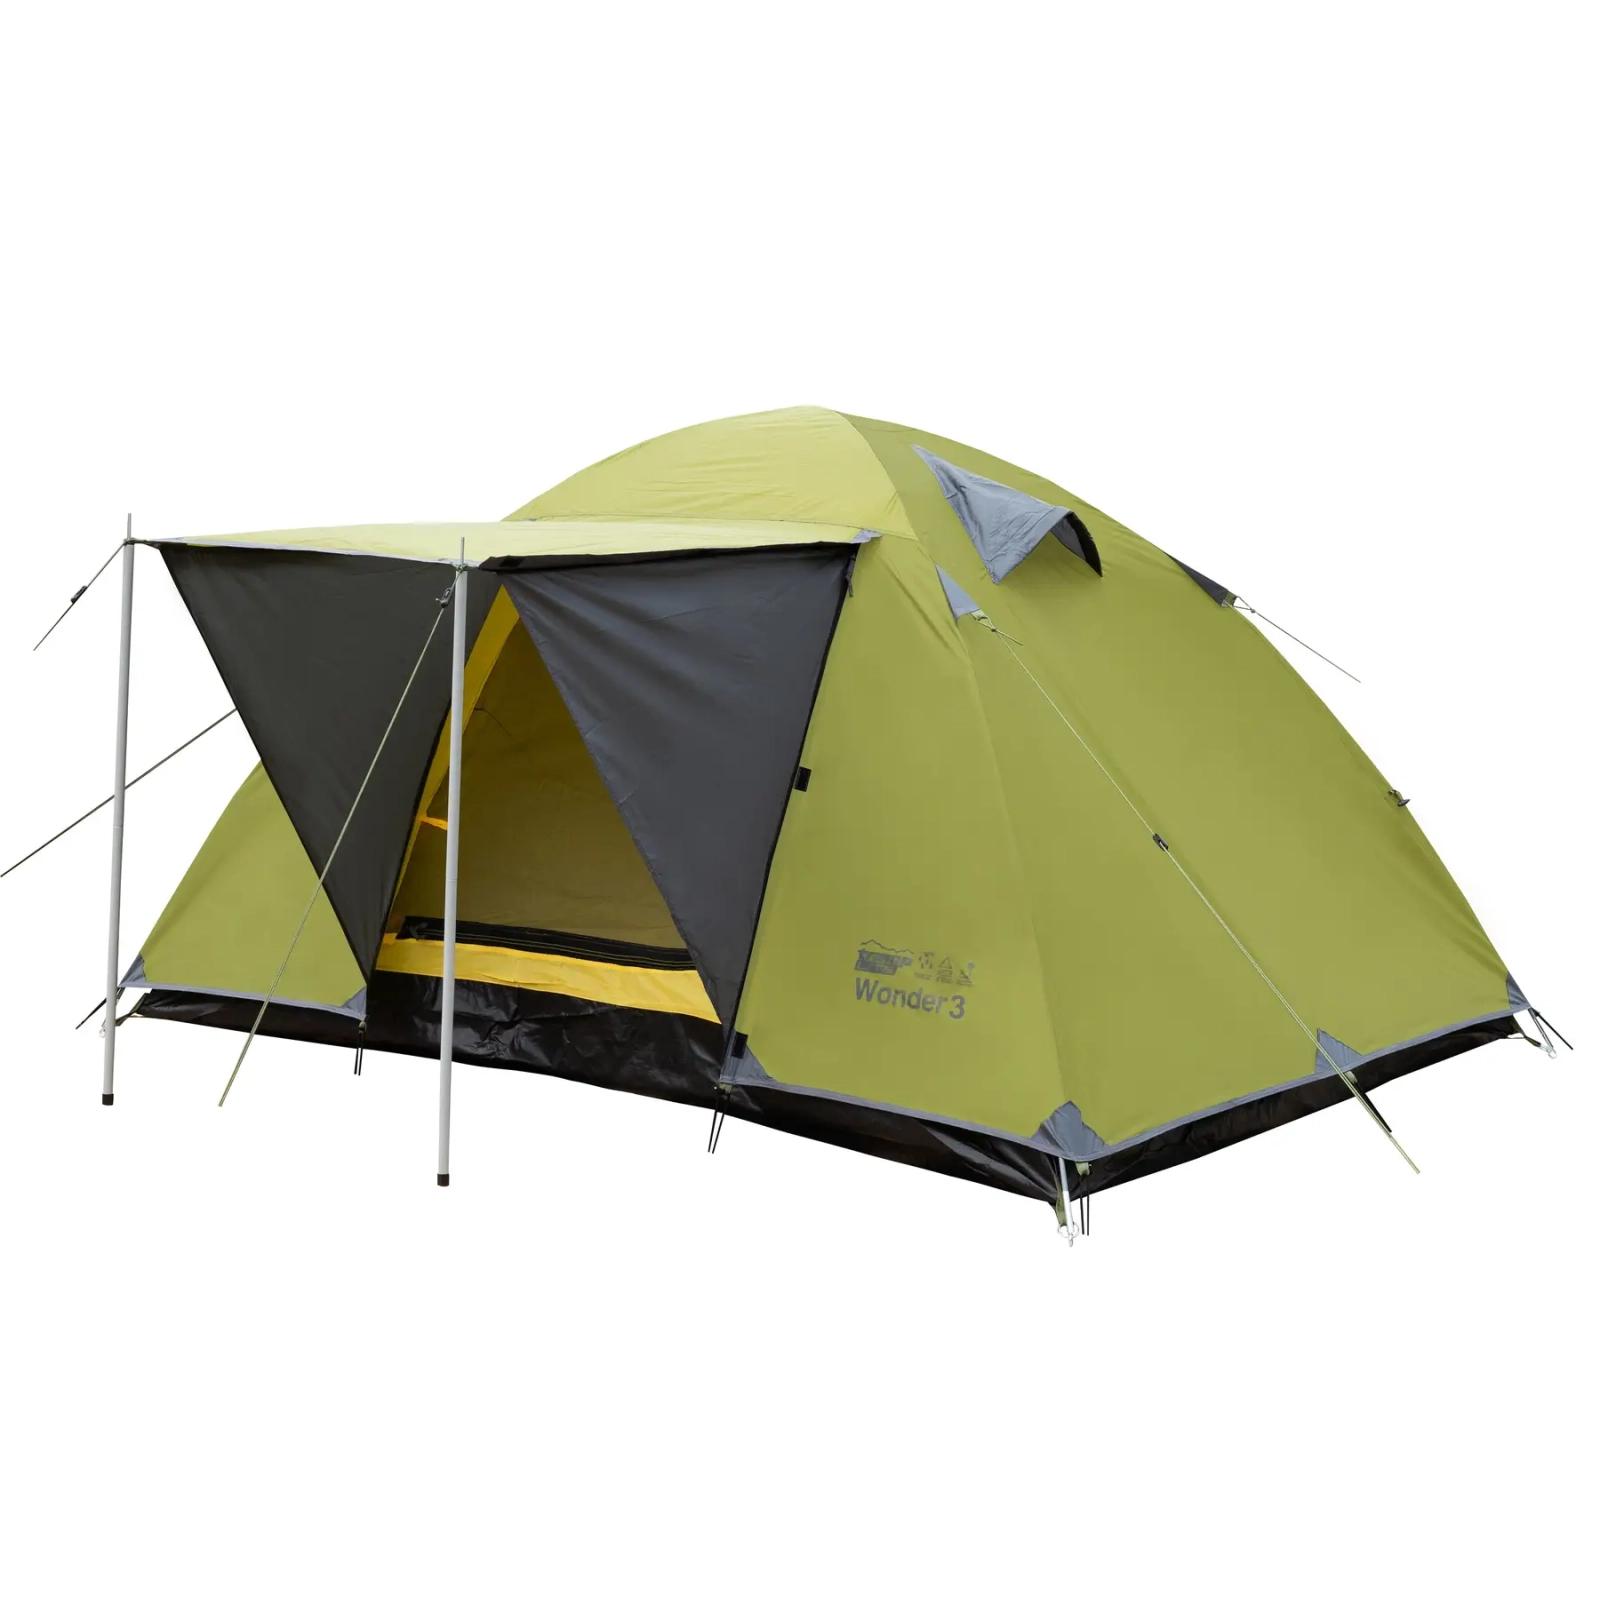 Палатка Tramp Wonder 3 (TLT-006.06)